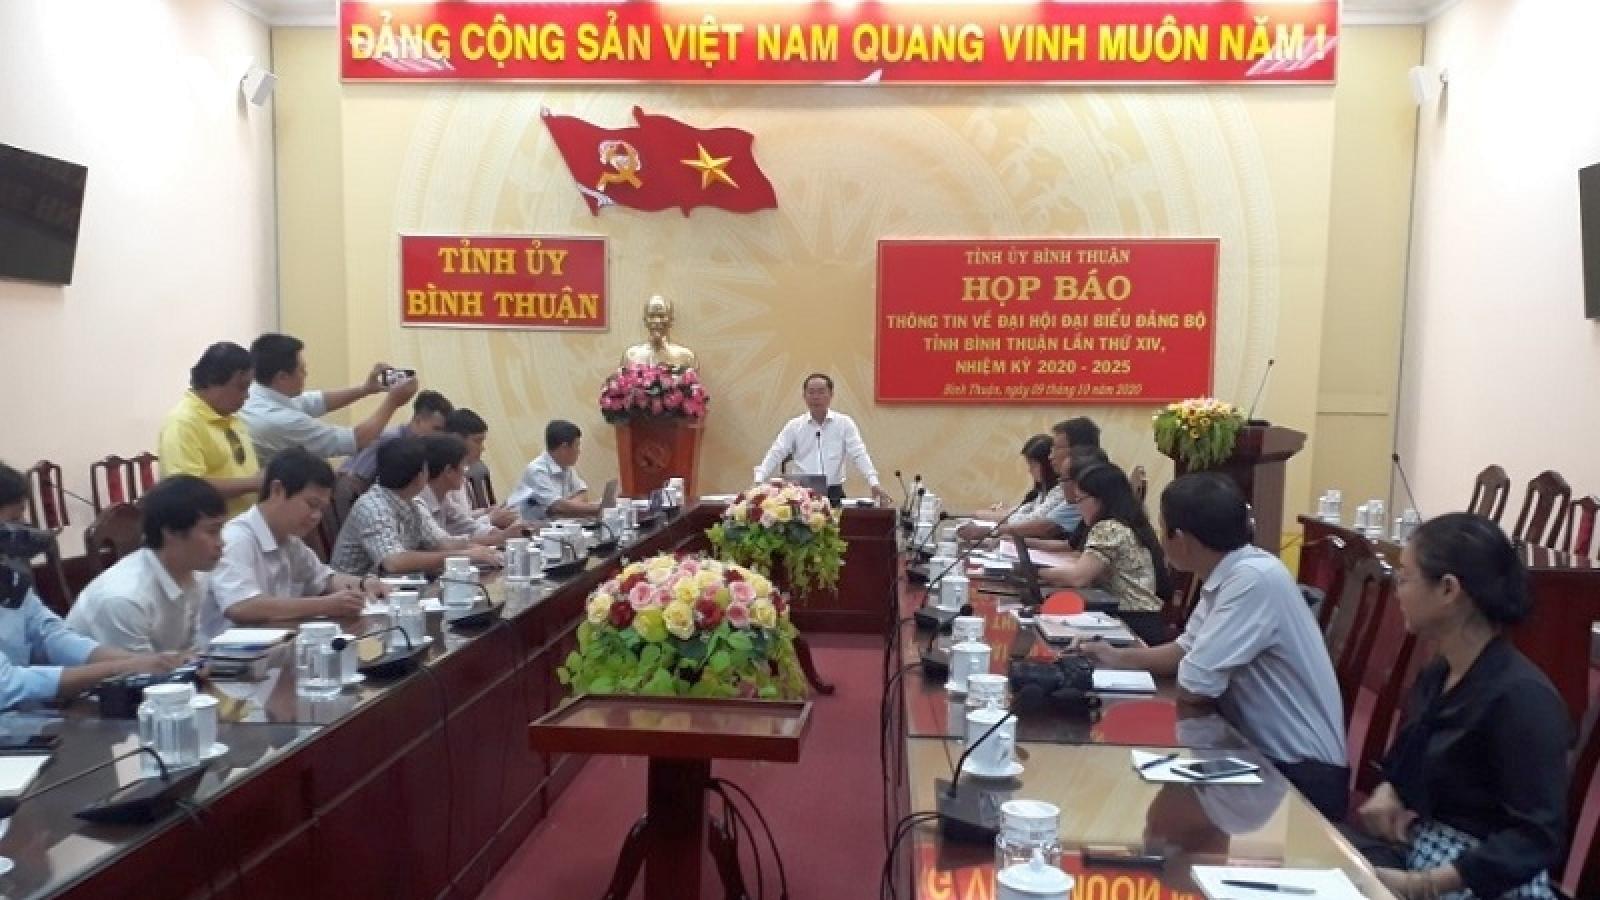 Đại hội Đảng bộ tỉnh Bình Thuận: Cơ bản giải quyết xong đơn thư tố cáo